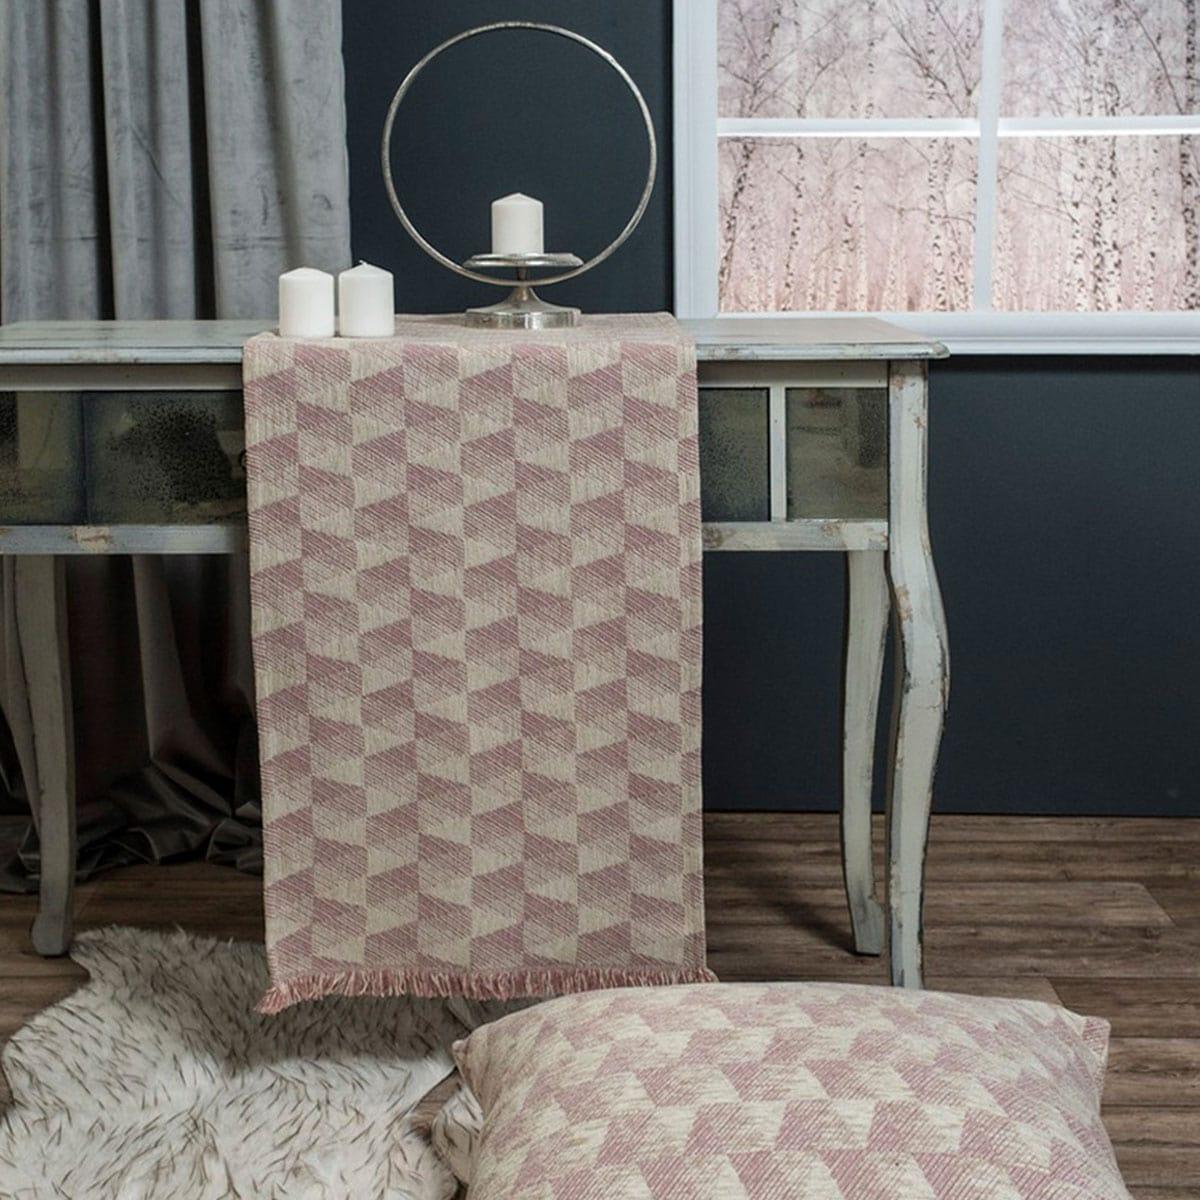 Μαξιλαροθήκη Διακοσμητική Δαπέδου Memphis 12 Rose Teoran 60X60 Ακρυλικό-Polyester